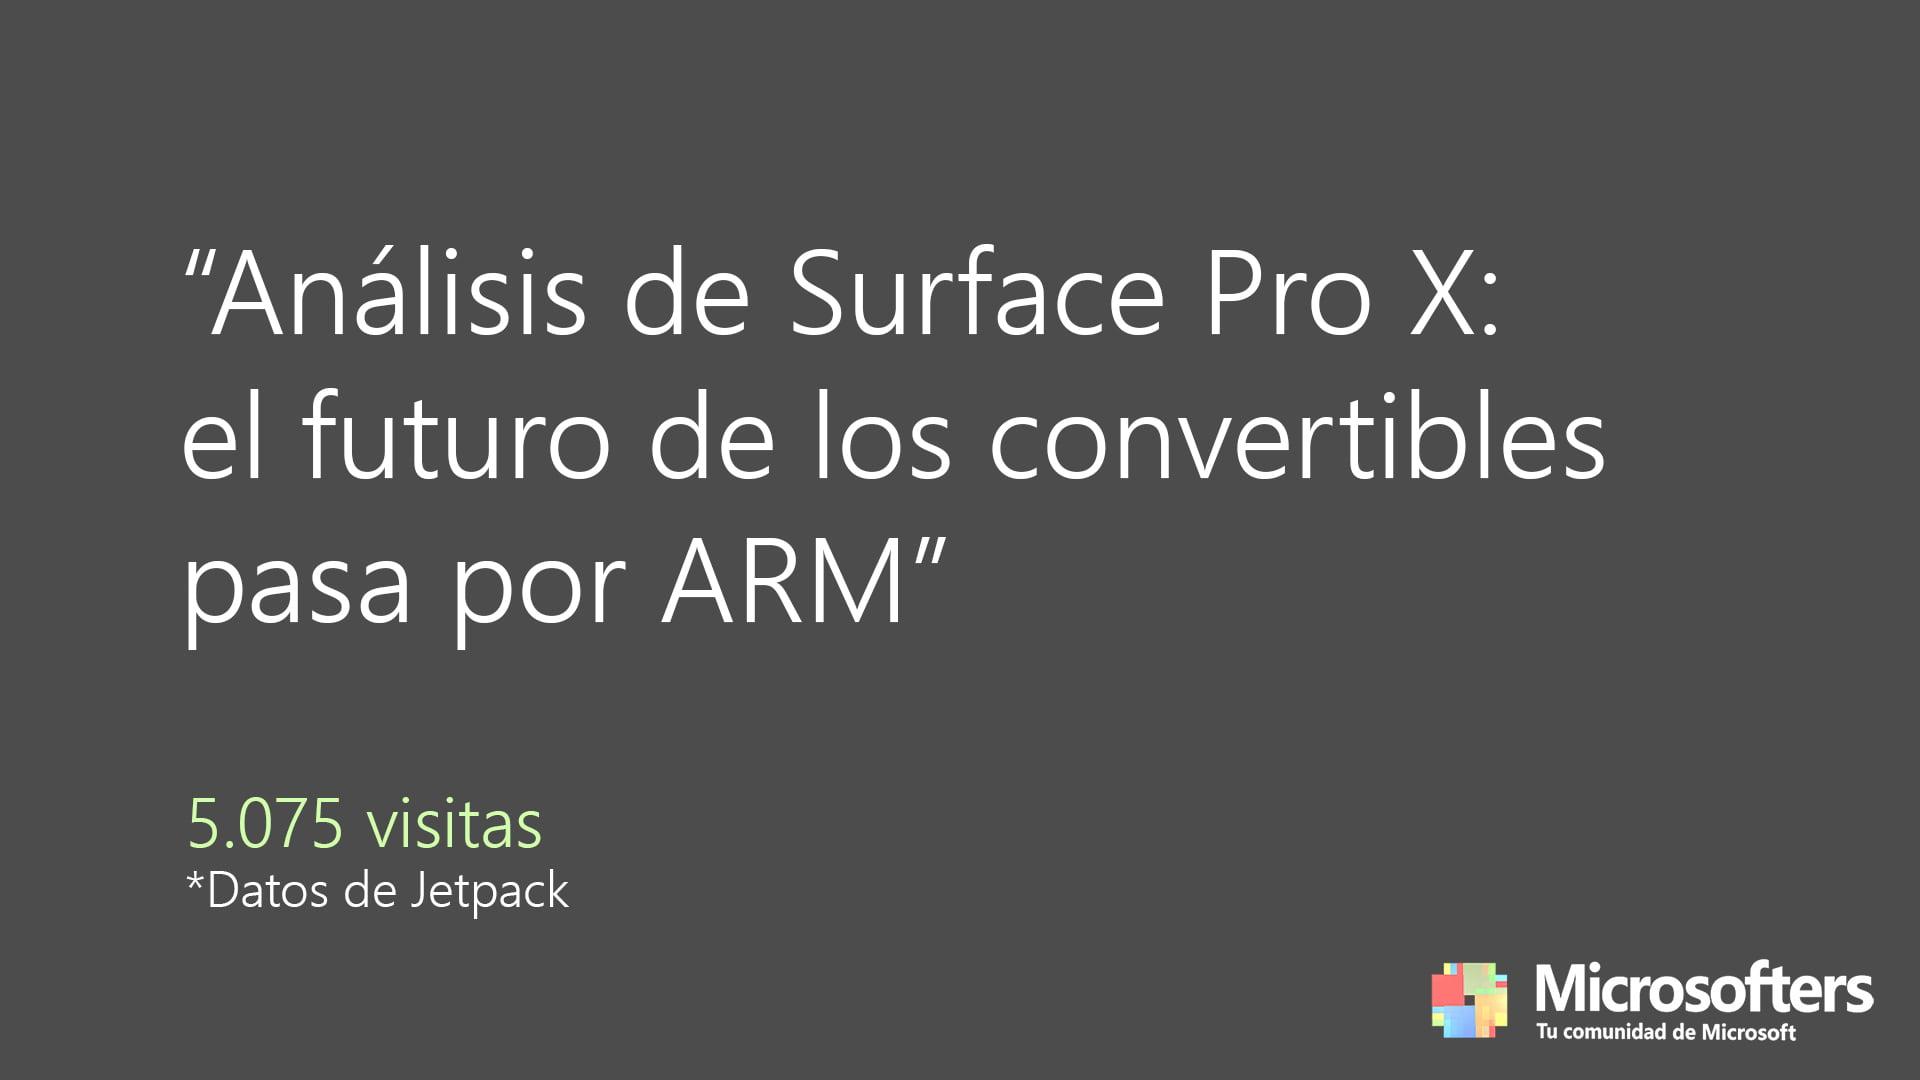 El análisis más leído fue sobre Surface Pro X